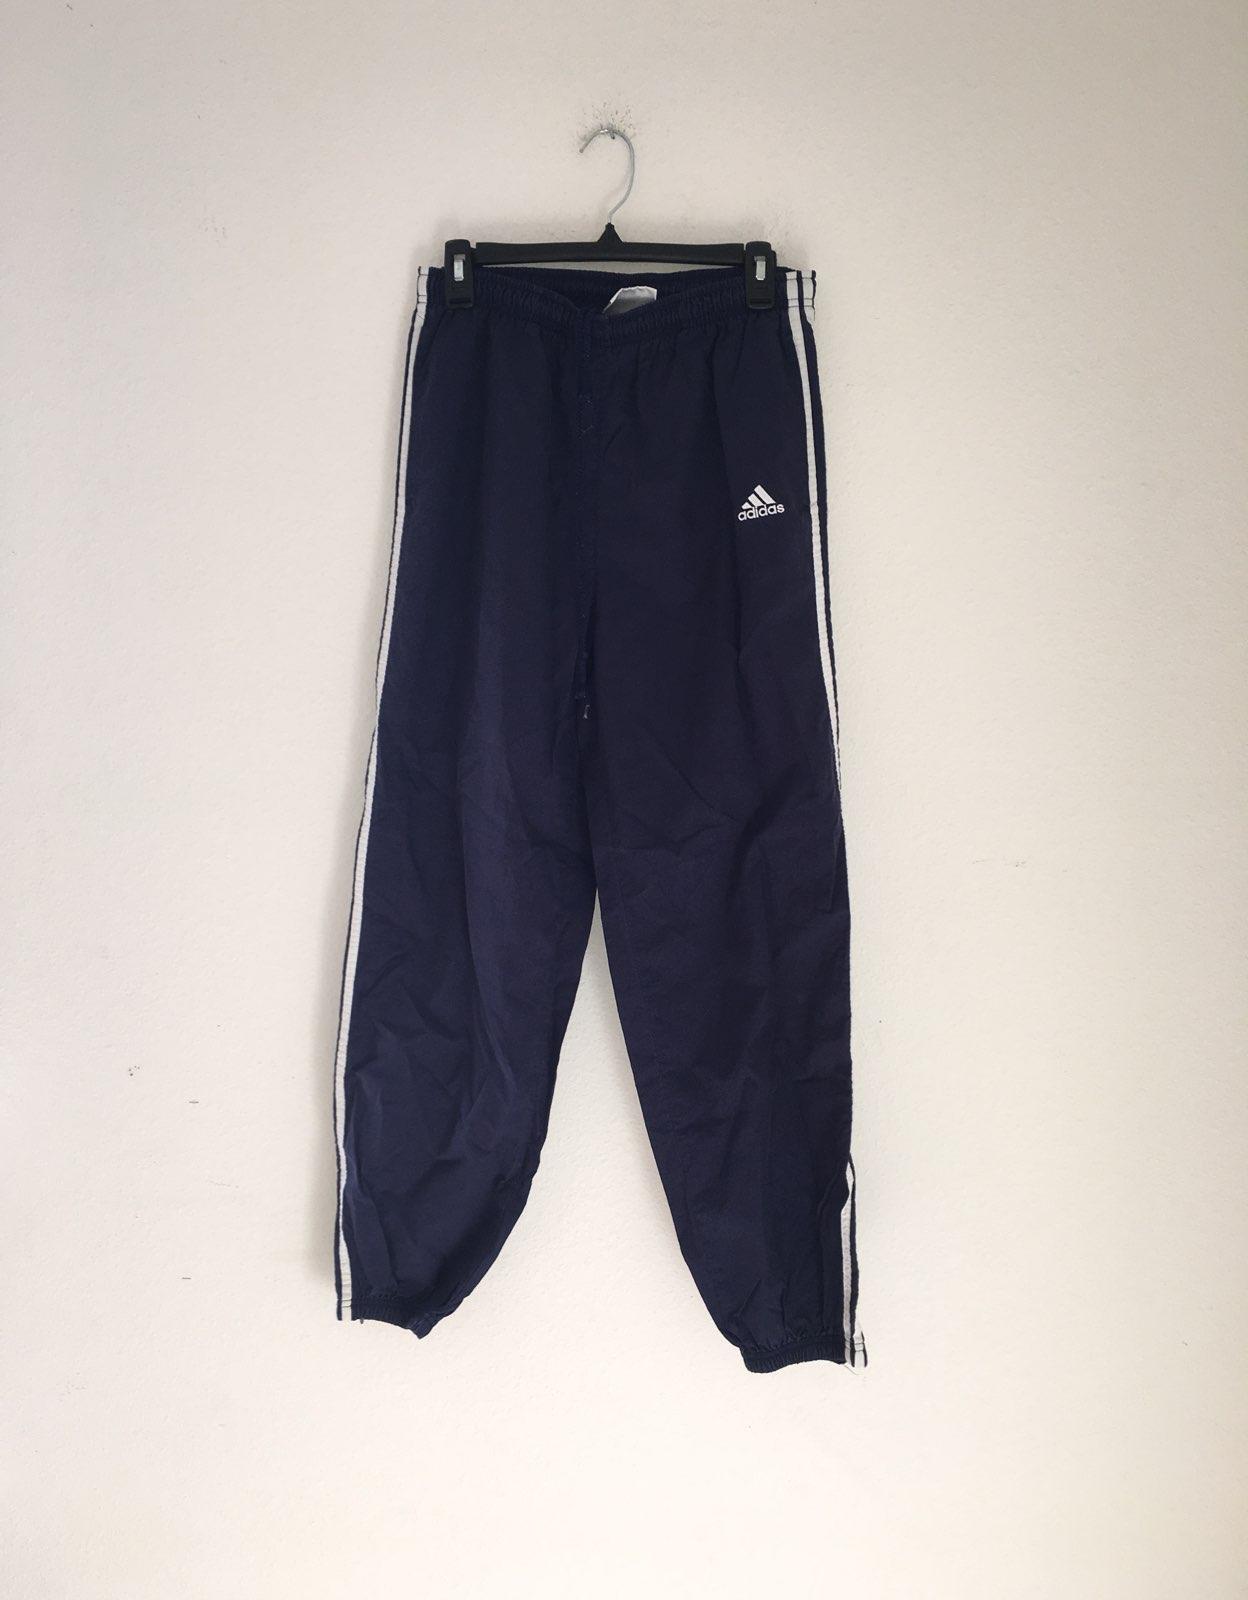 Vintage Adidas men's track pants size M